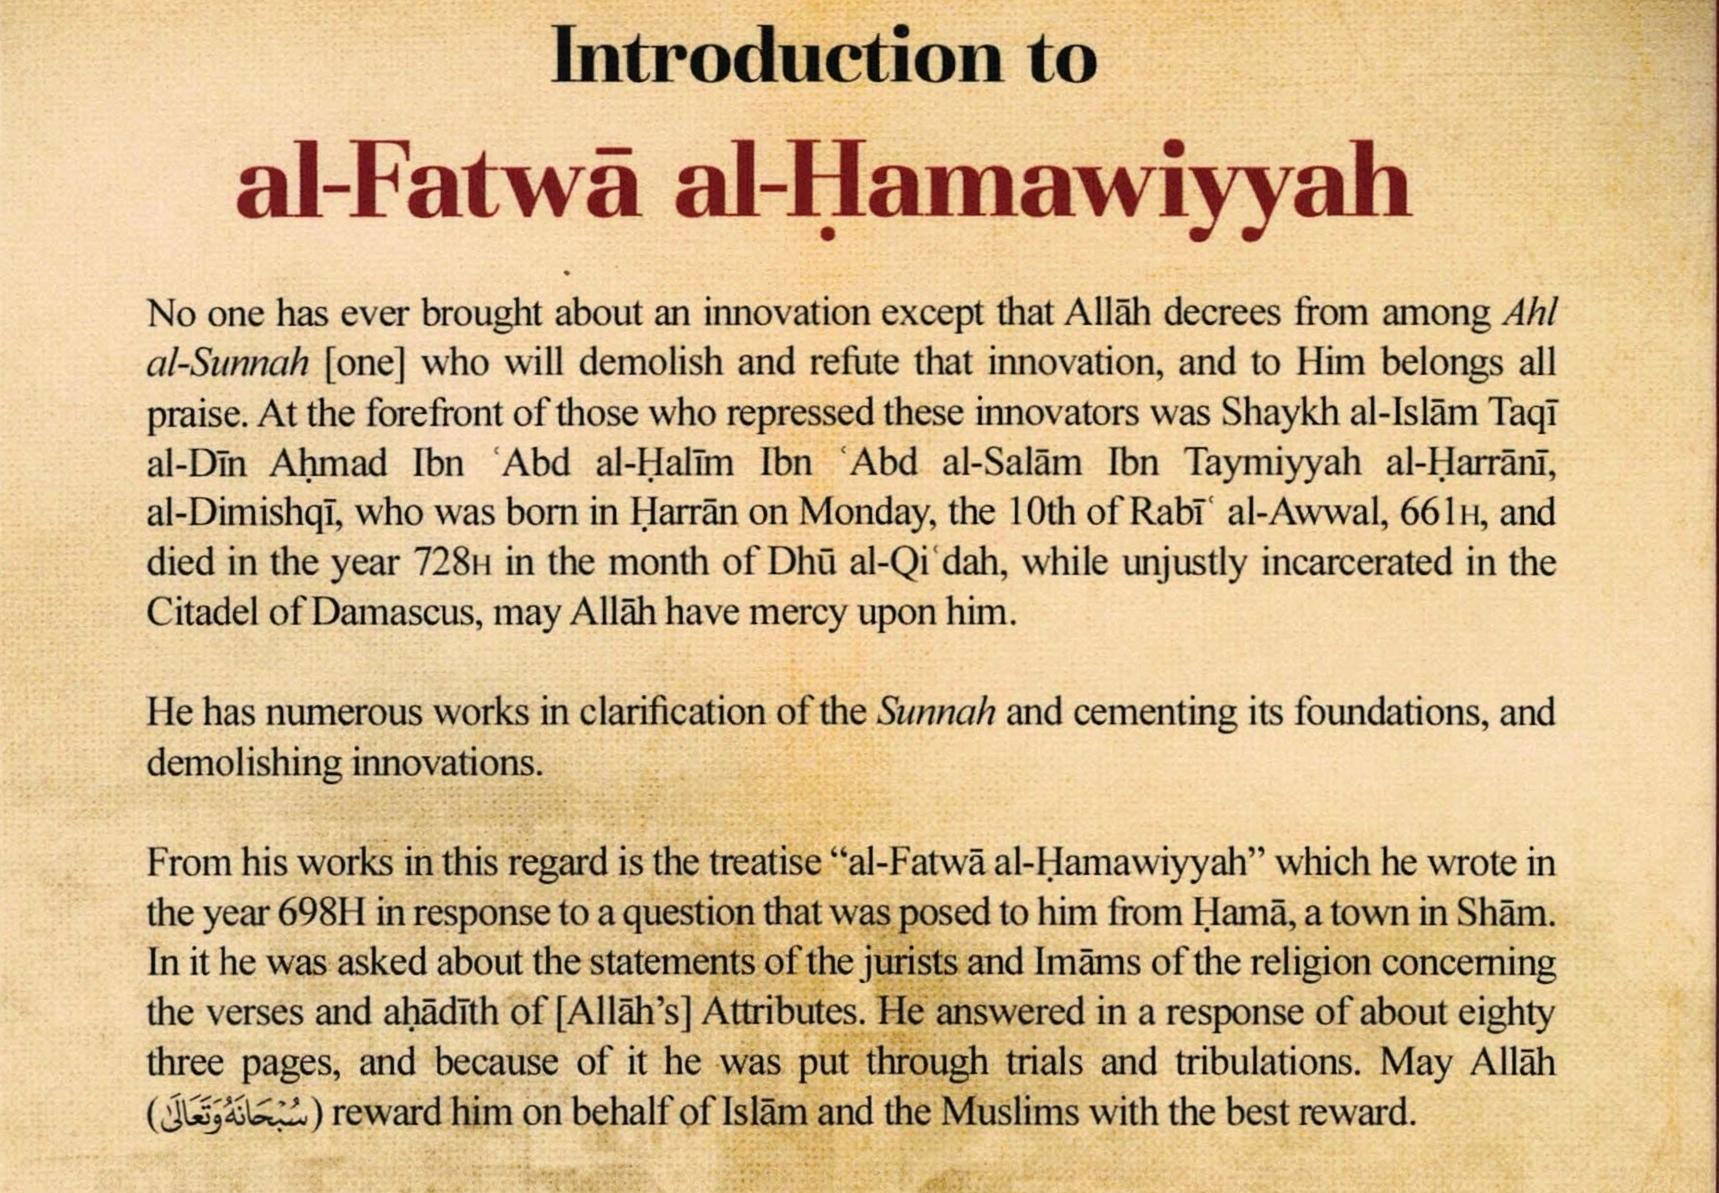 introduction-to-al-fatwa-al-hamawiyyah-3-copy.jpg